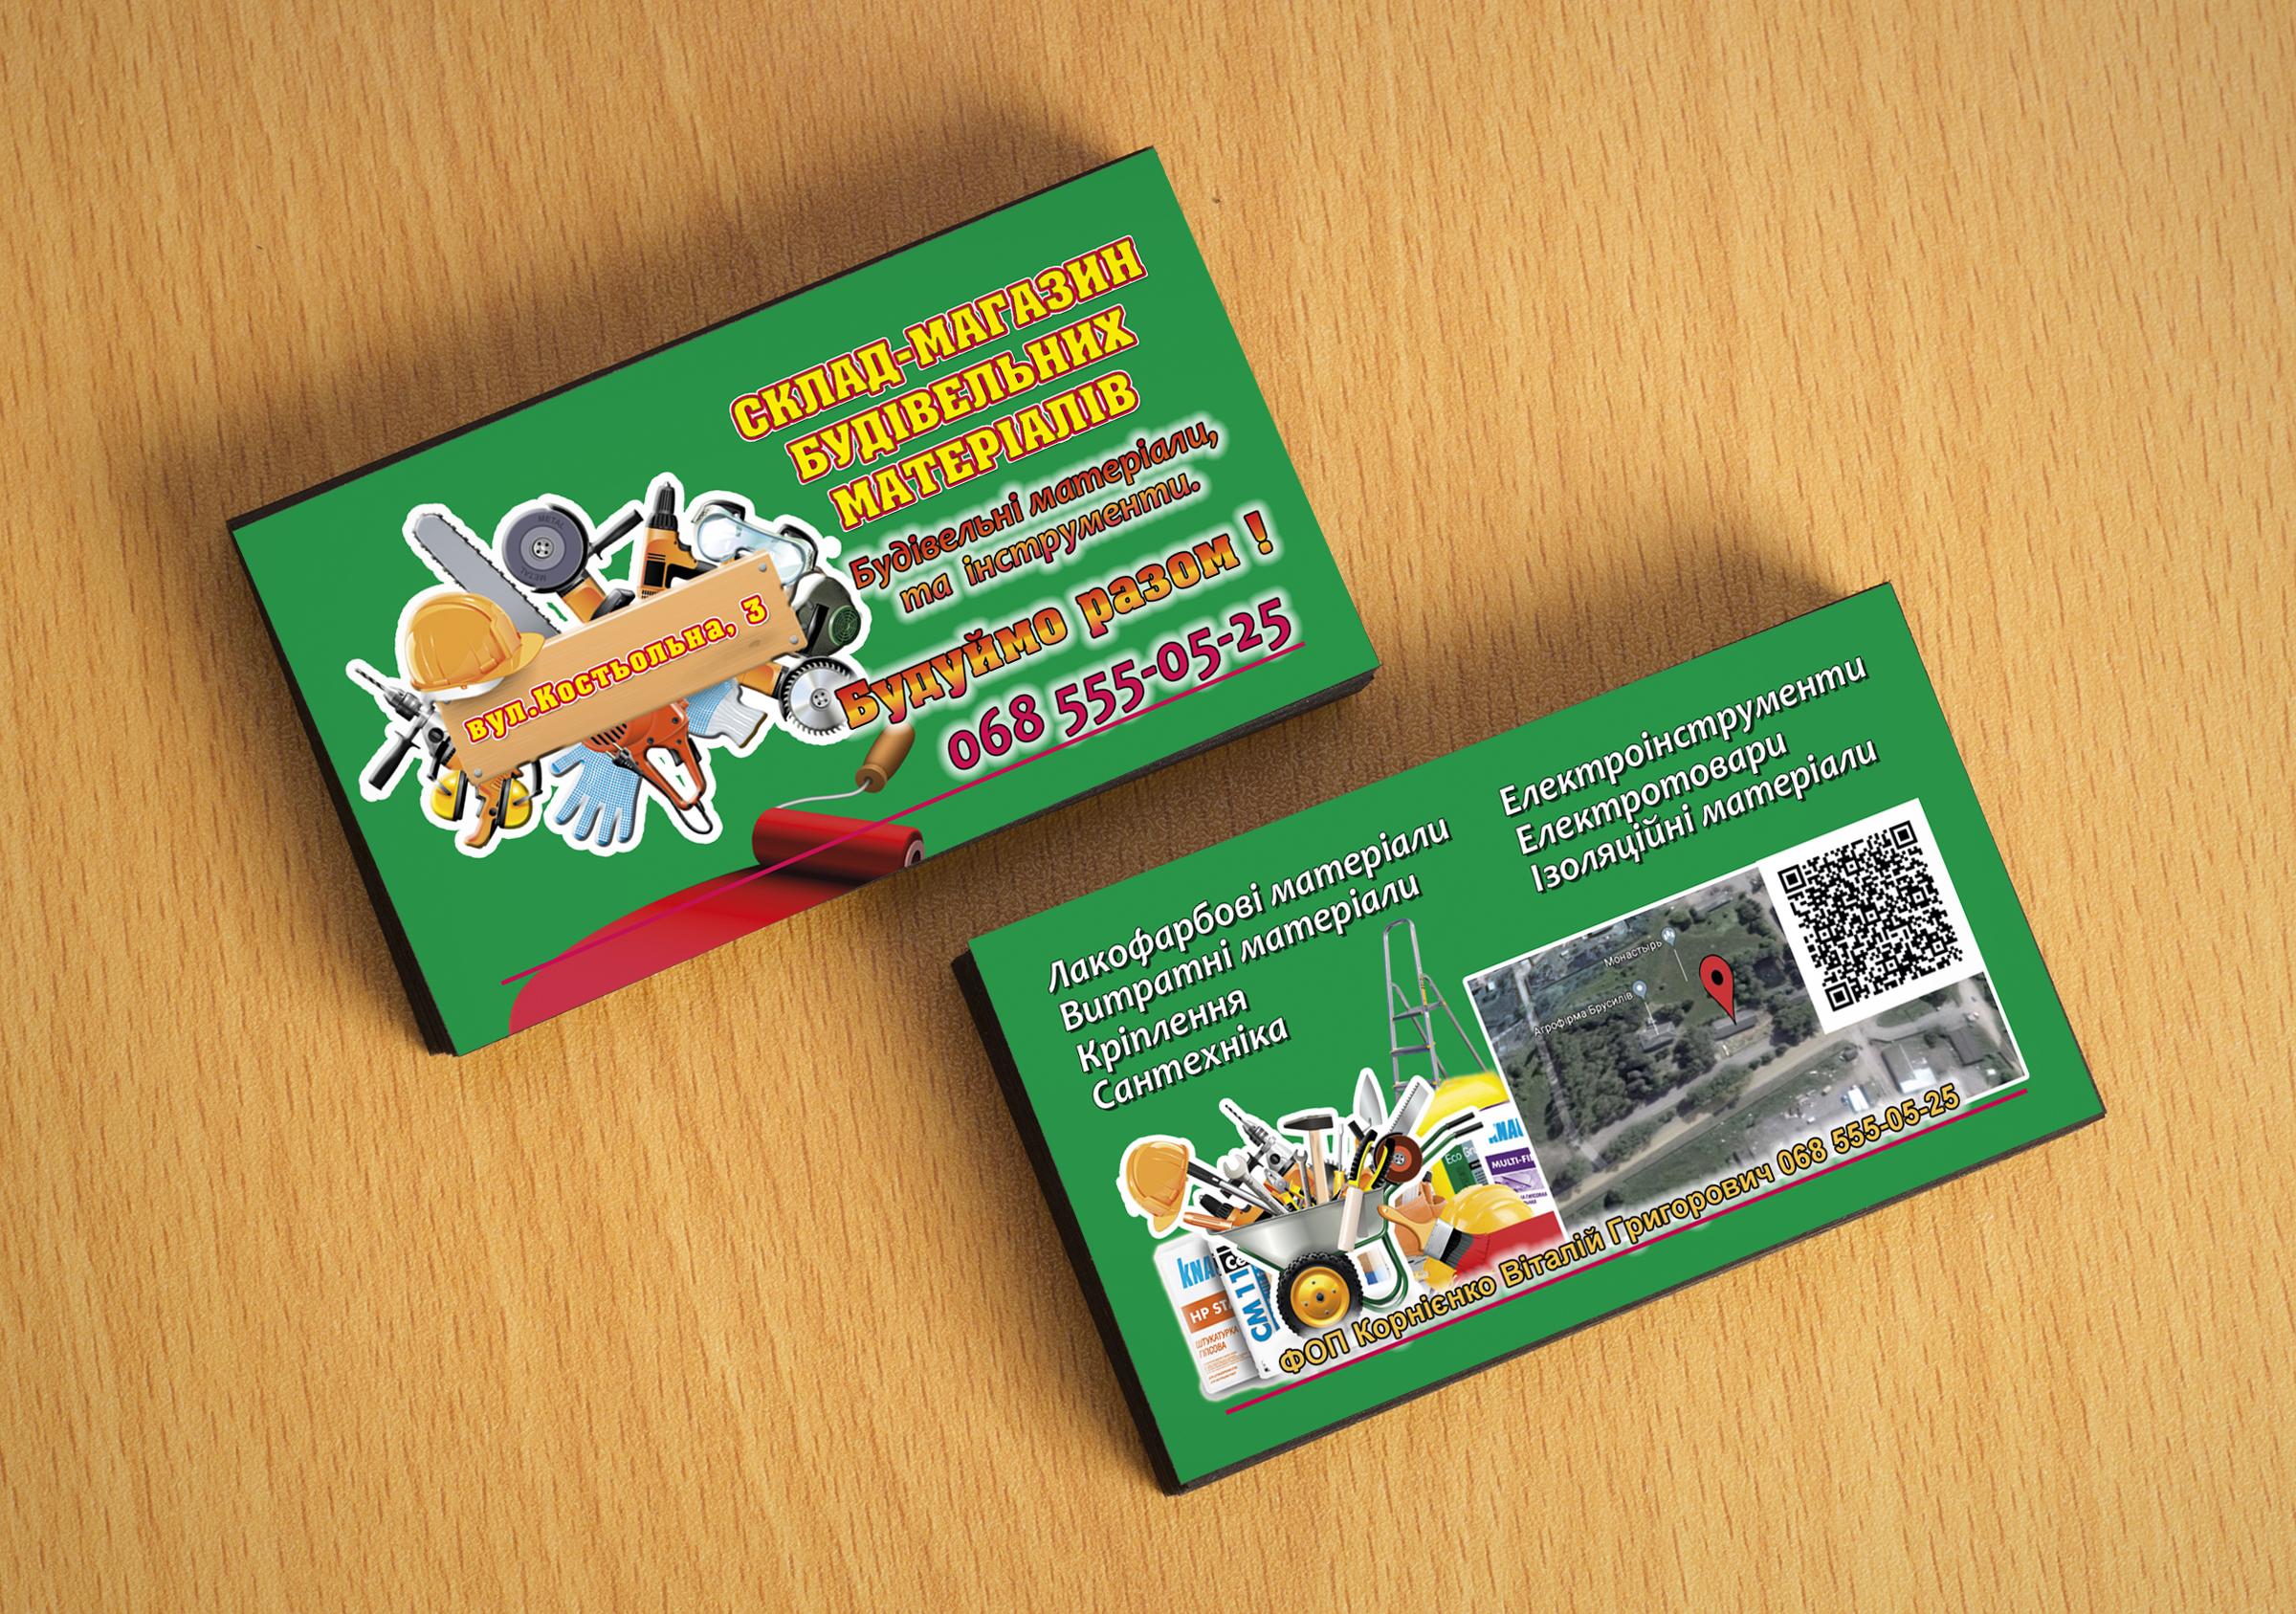 Розробка і виготовлення візитівок + відеовізитка. Приклад Склад-магазин будівельних матеріалів в Брусилові